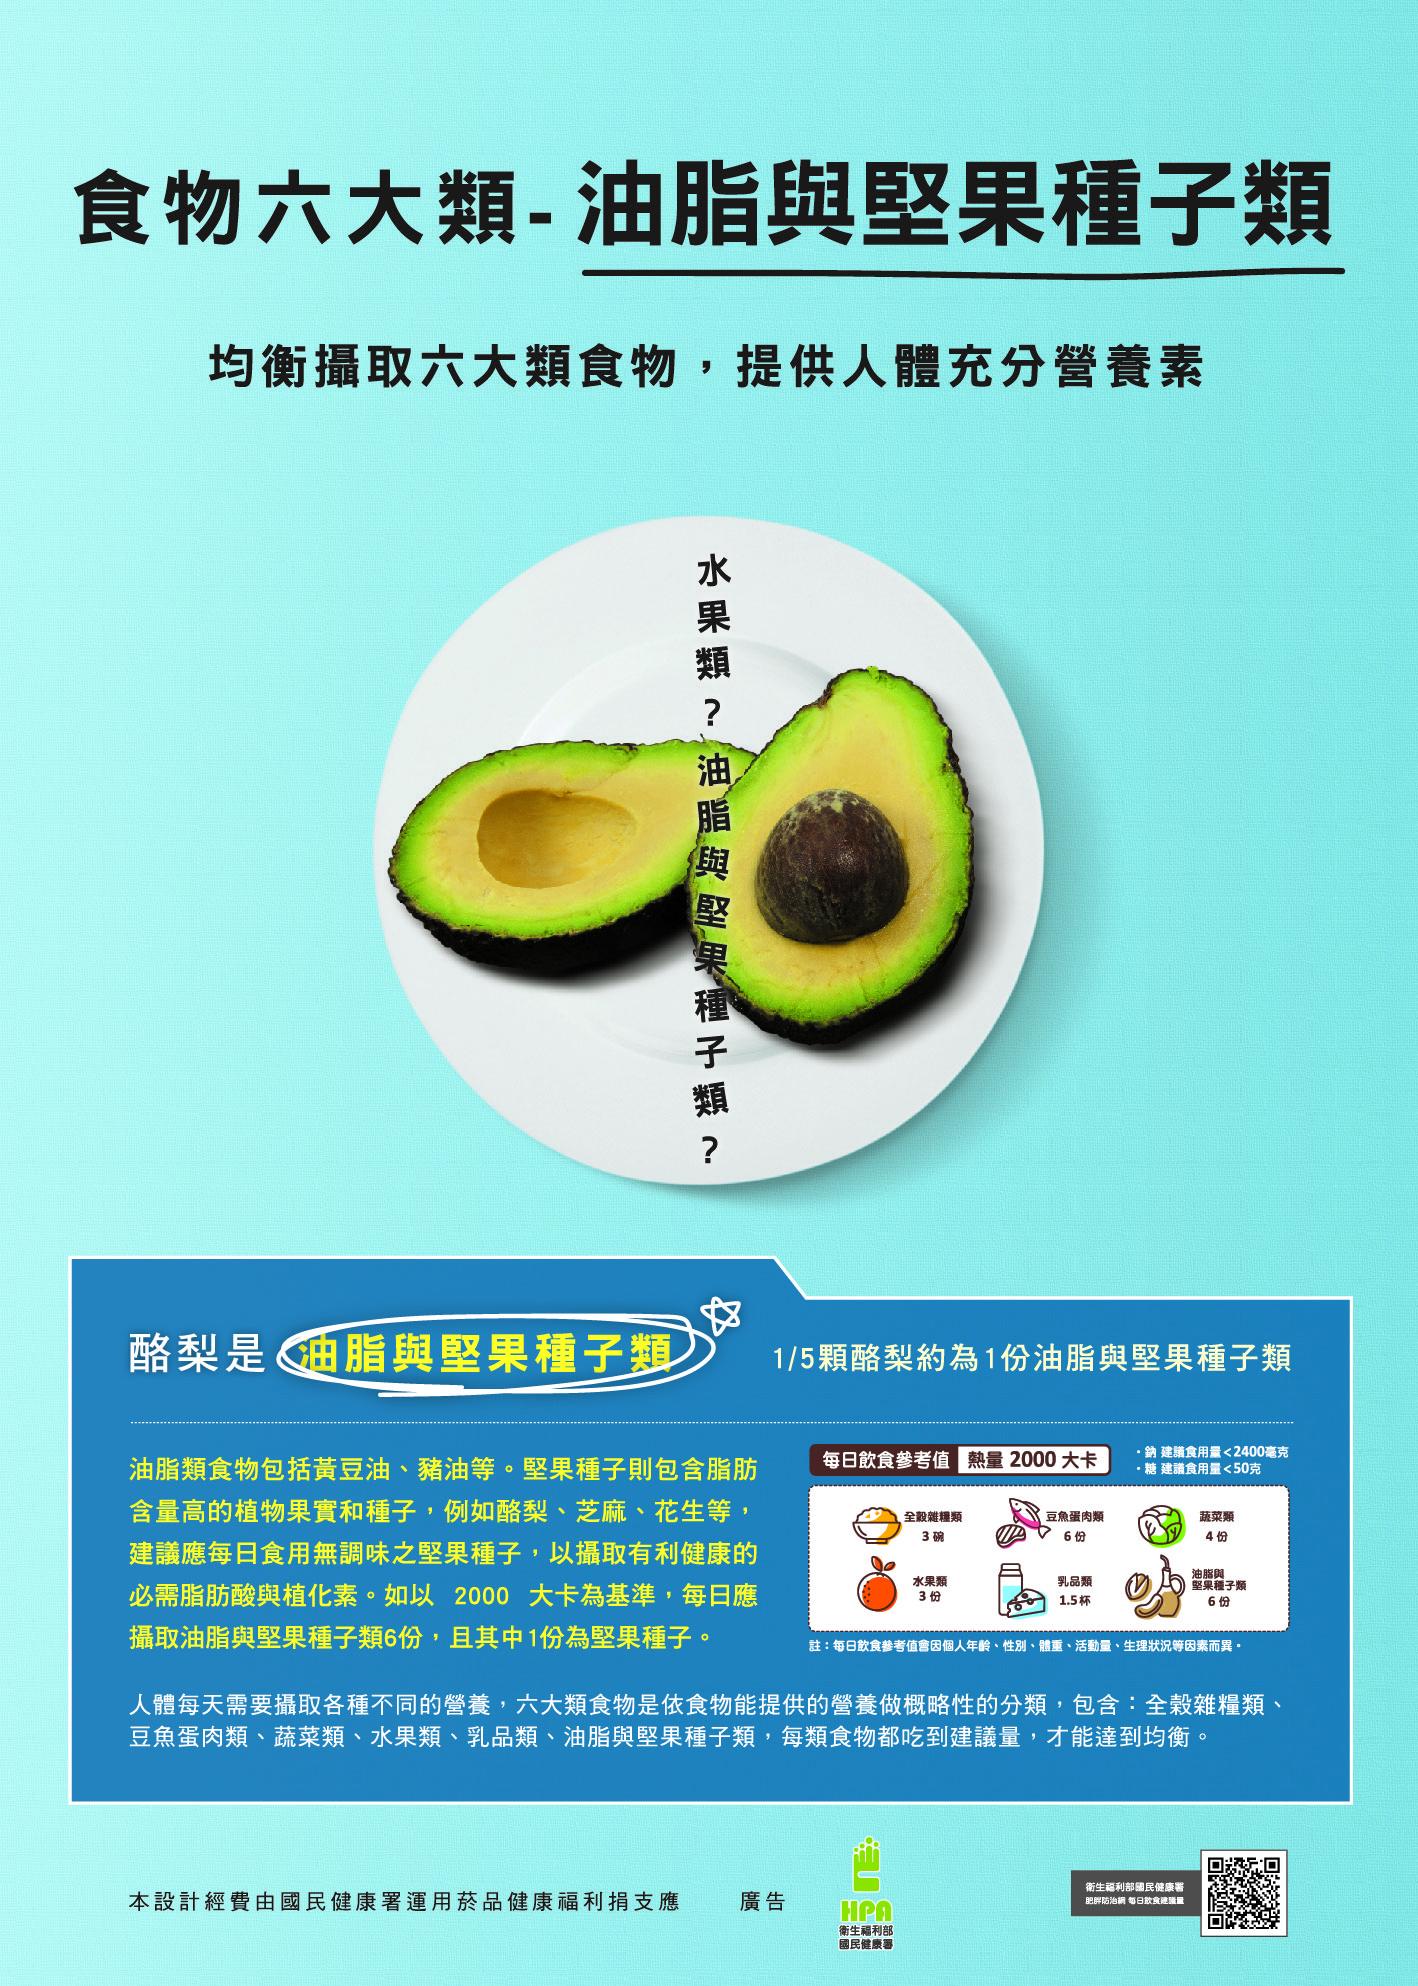 食物六大類-油脂與堅果種子類